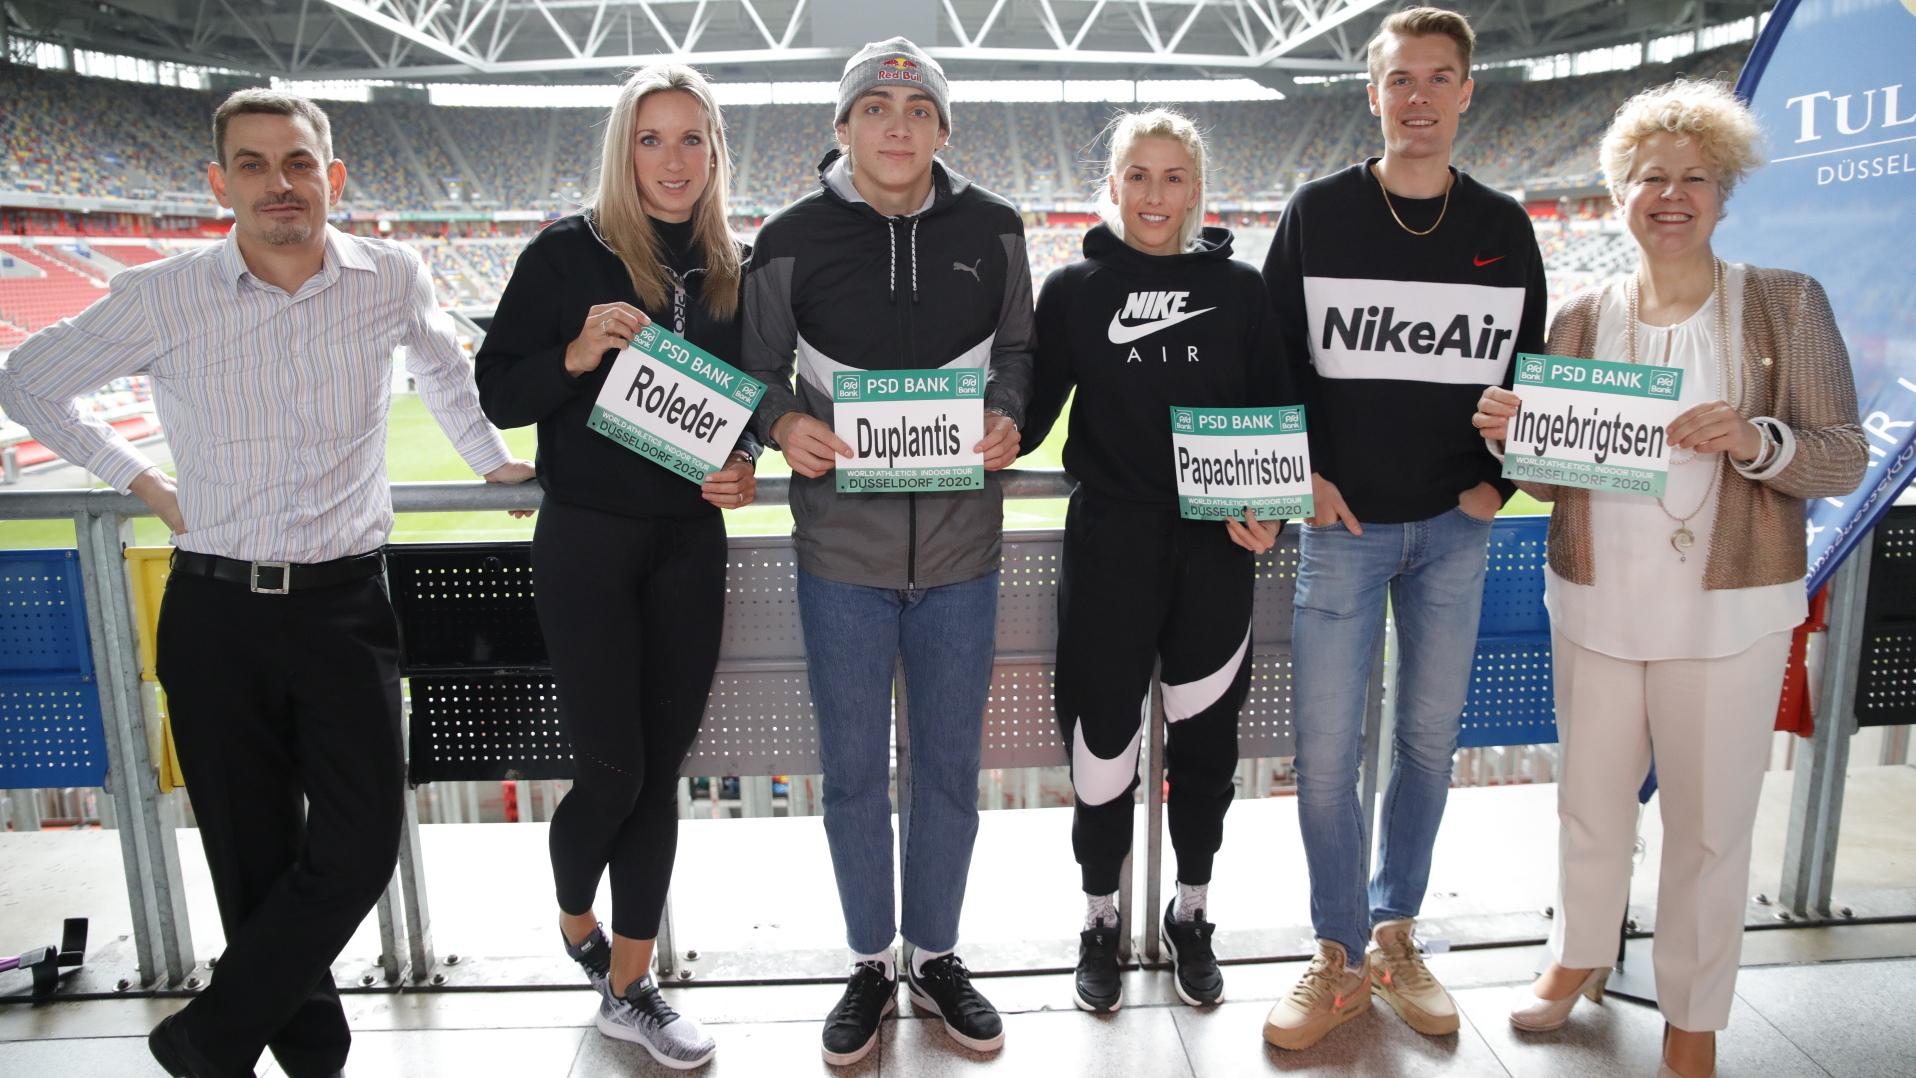 Titelhungrige Leichtathletik-Stars kämpfen um die Podiumsplätze beim PSD Bank Leichtathletik Meeting Düsseldorf